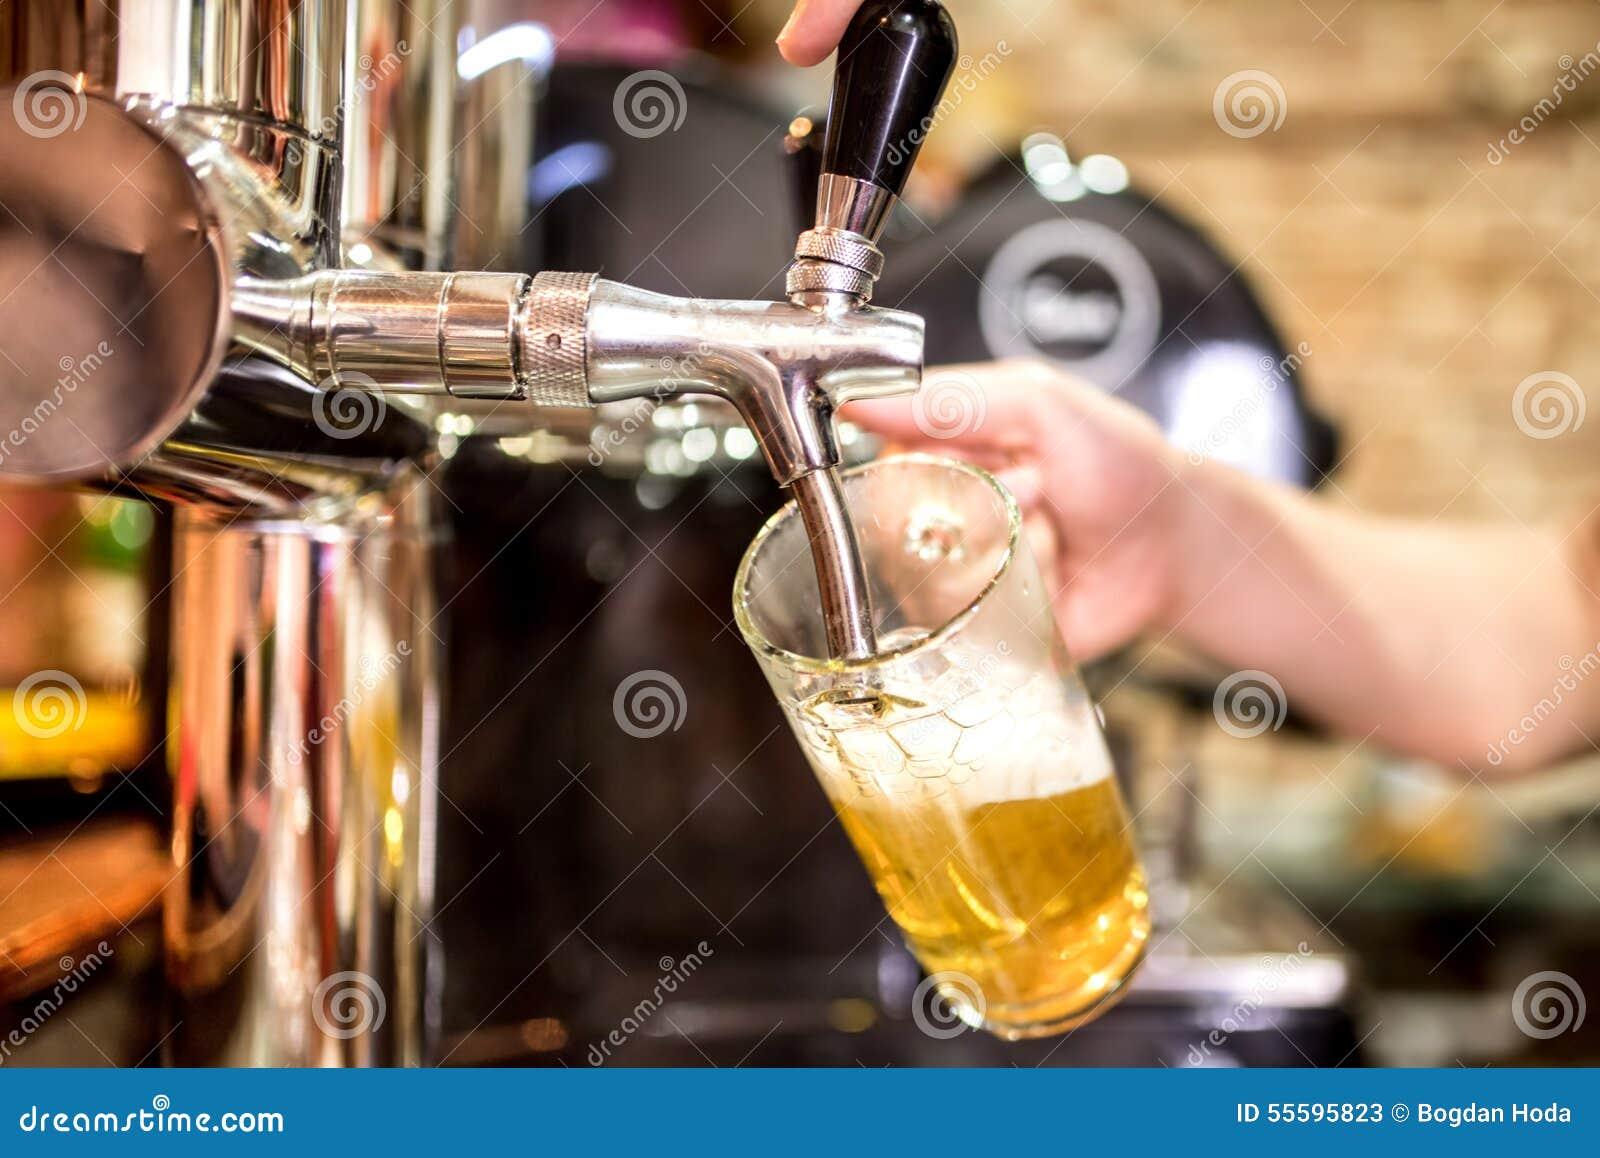 Bartenderhänder på öl knackar lätt på att hälla en portion för utkastlageröl i en restaurang eller en bar